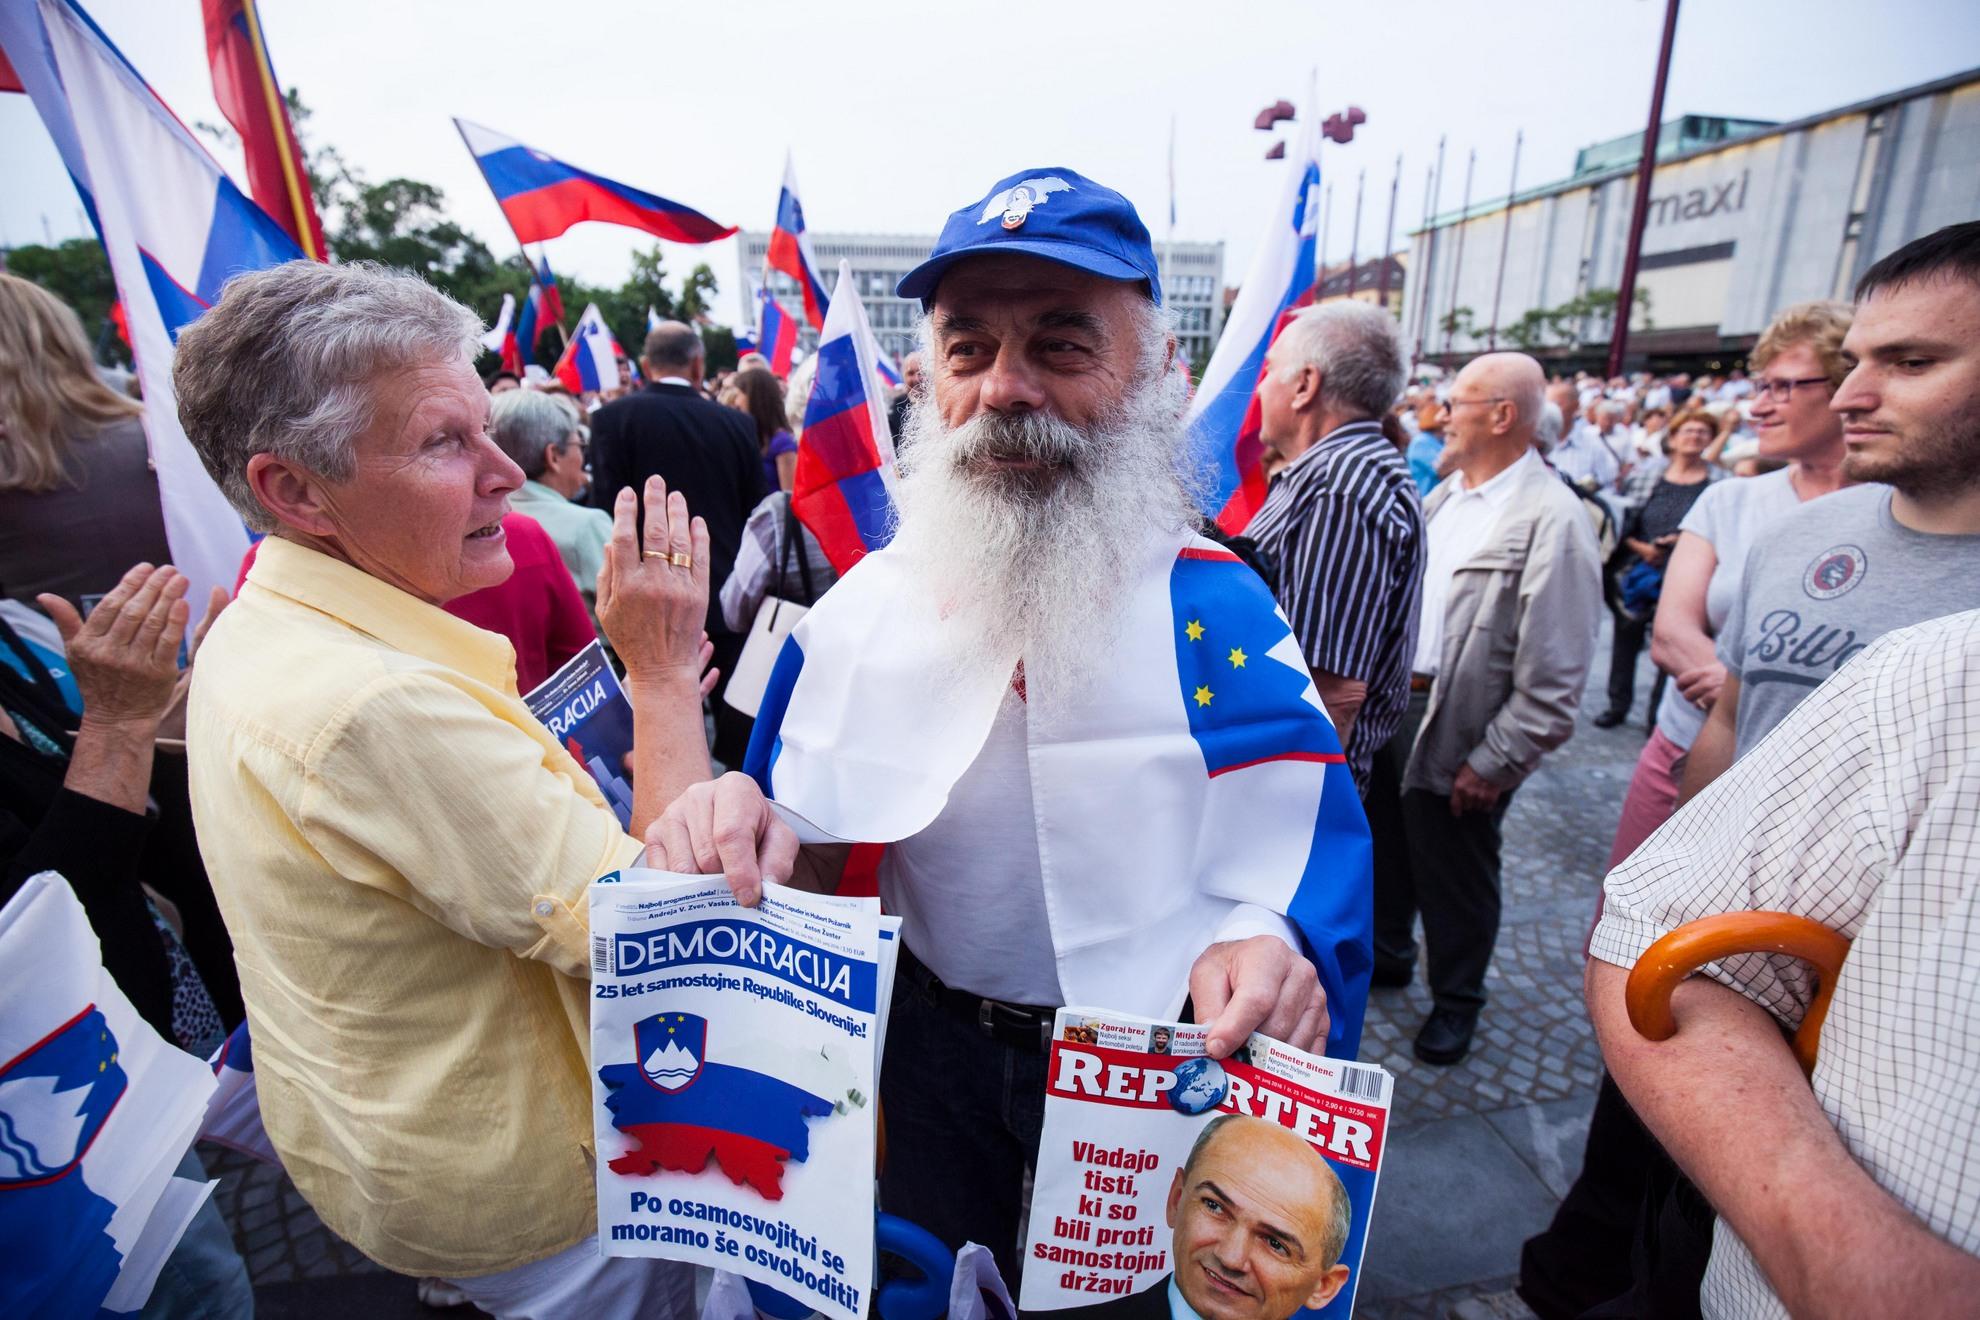 25.06.2016 Proslava VSO ob Dnevu državnosti. Poleg Janše, Krkoviča, Hojsa, Častne čete je bilo na proslavi kar nekaj zastav z domobranskim orlom.